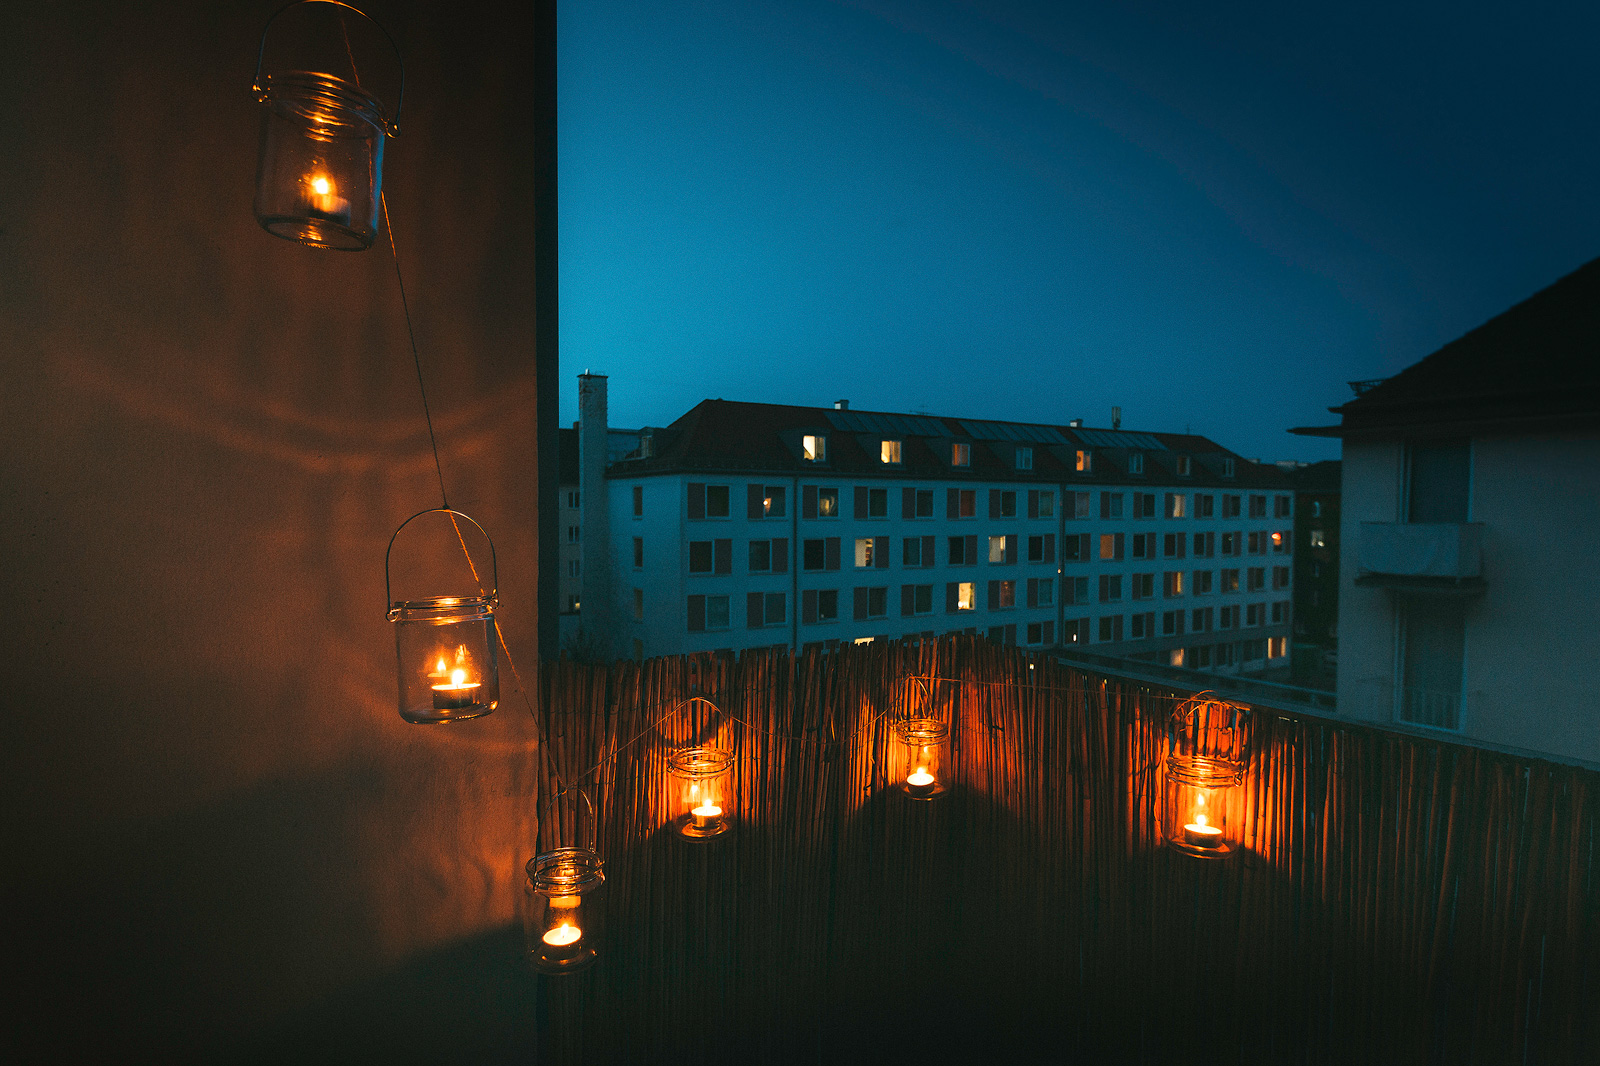 Romantische Lichterkette (DIY) auf dem Balkon